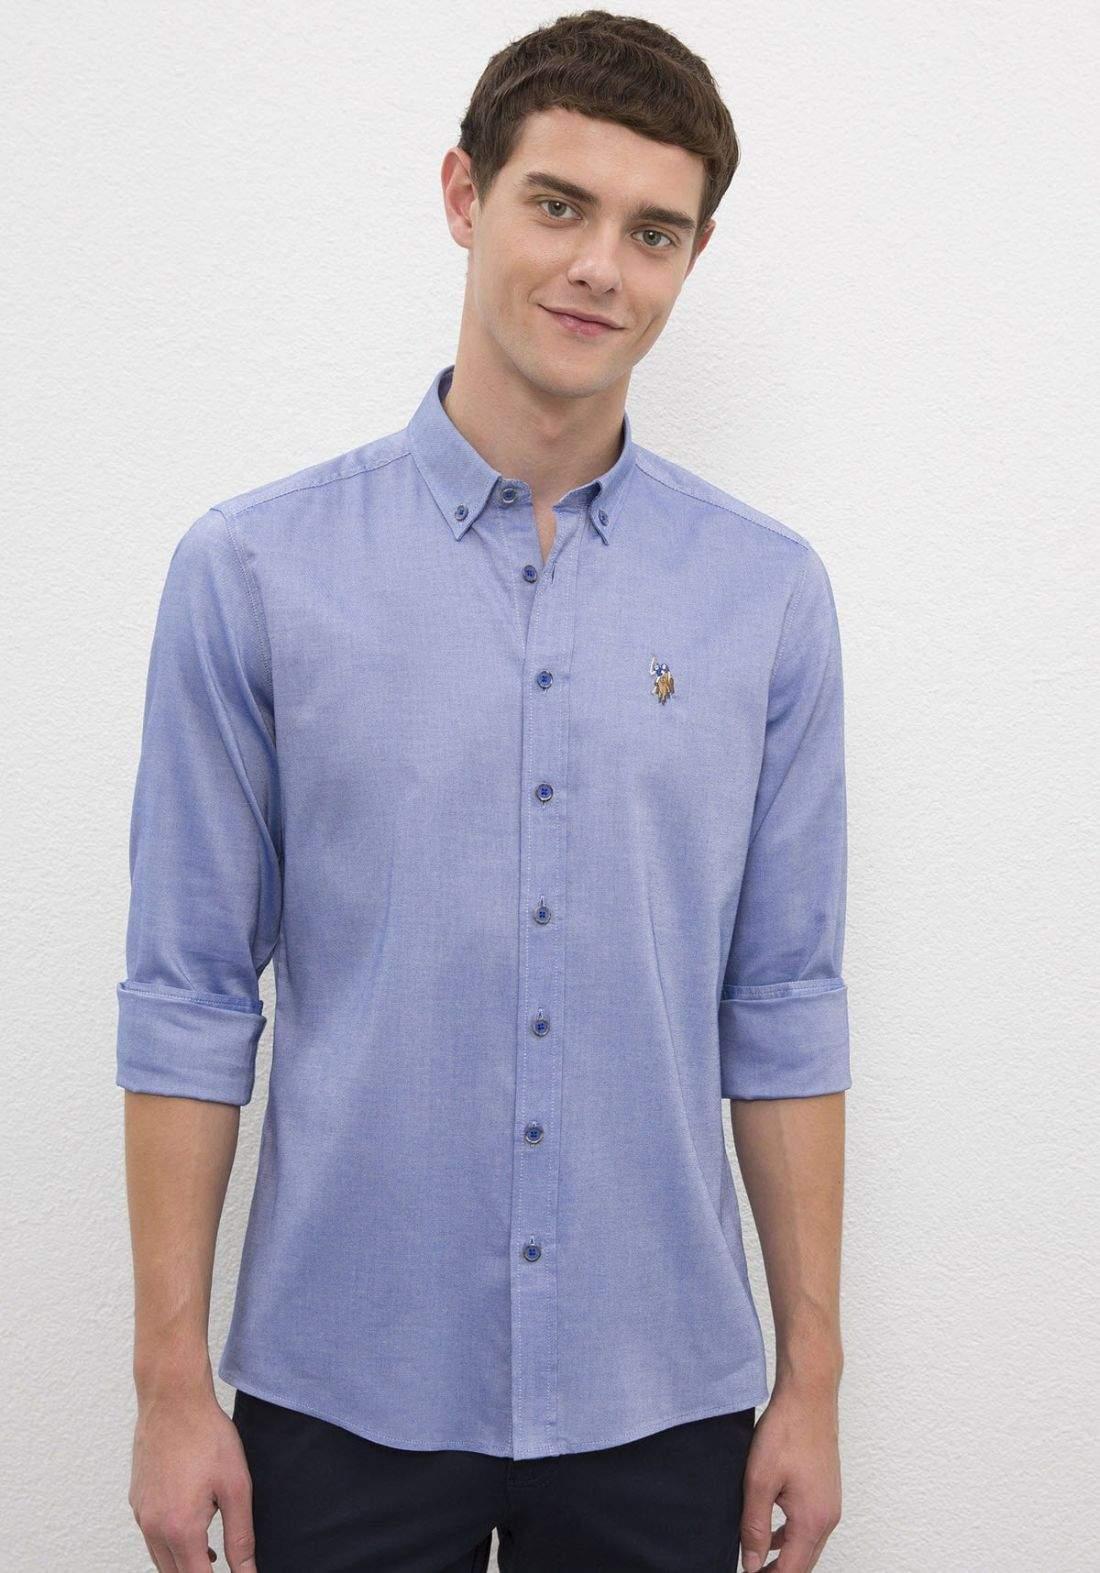 shirt U.S. Polo. Assn قميص